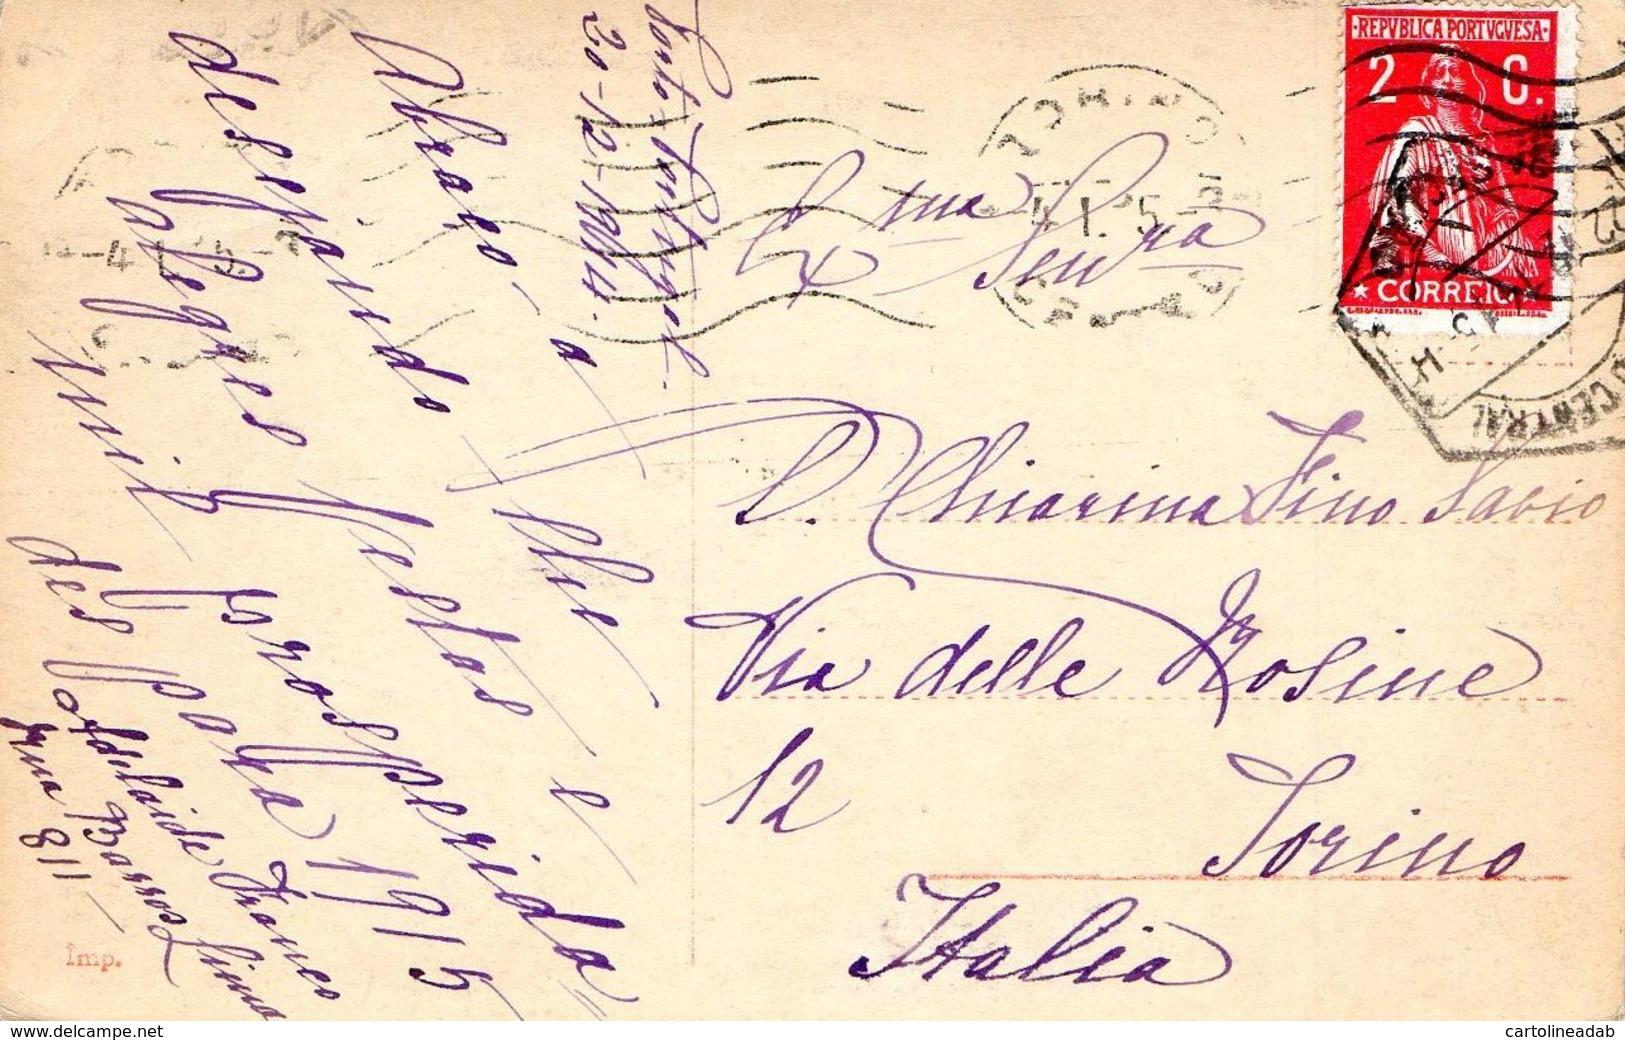 [DC7997] CPA - CANOVA - AMORE E PSICHE - AMOR OG PSYCHE - Viaggiata 1914 - Old Postcard - Sculture